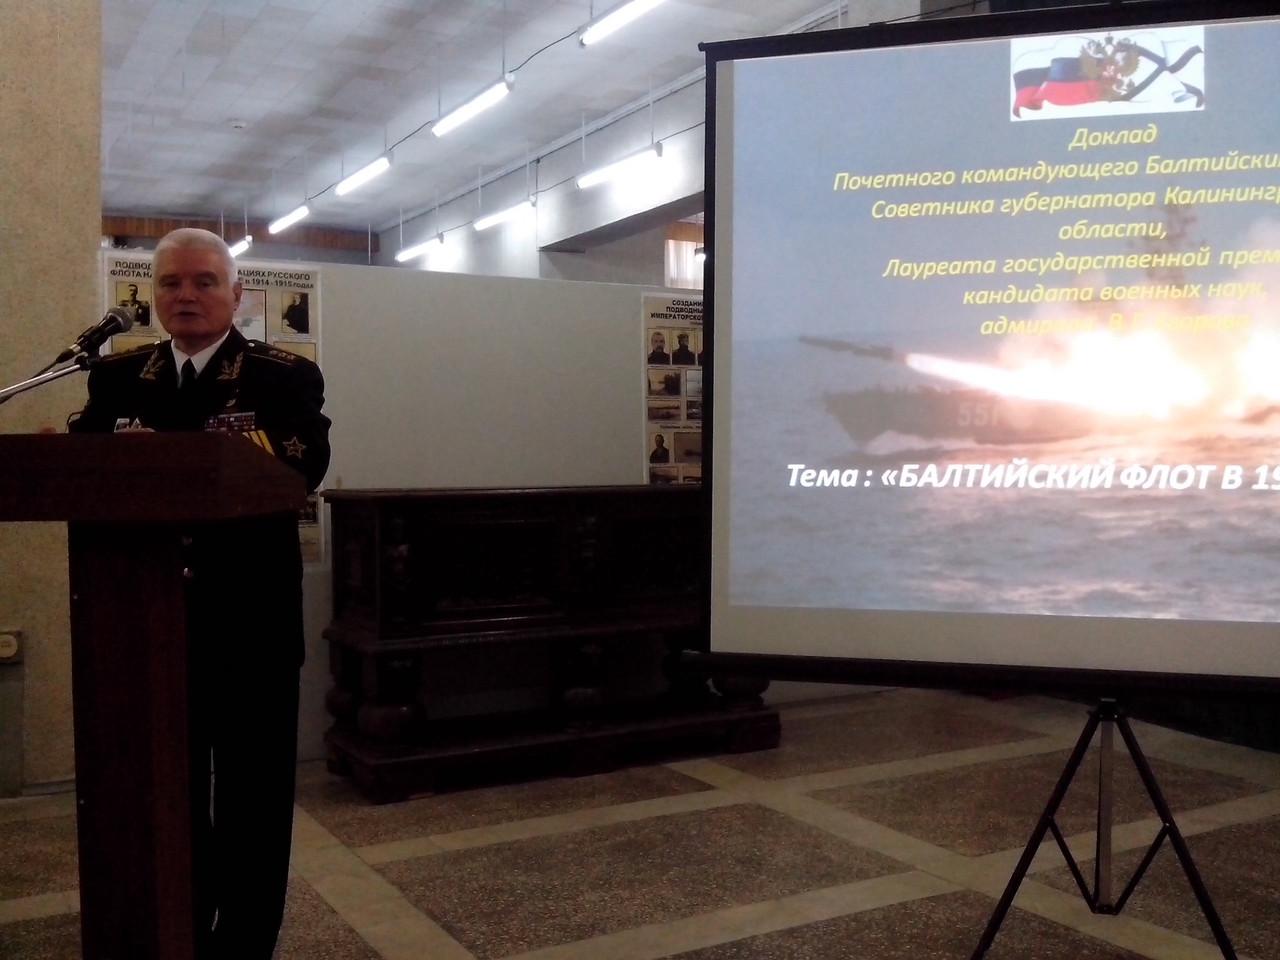 С докладом выступает адмирал В.Г. Егоров